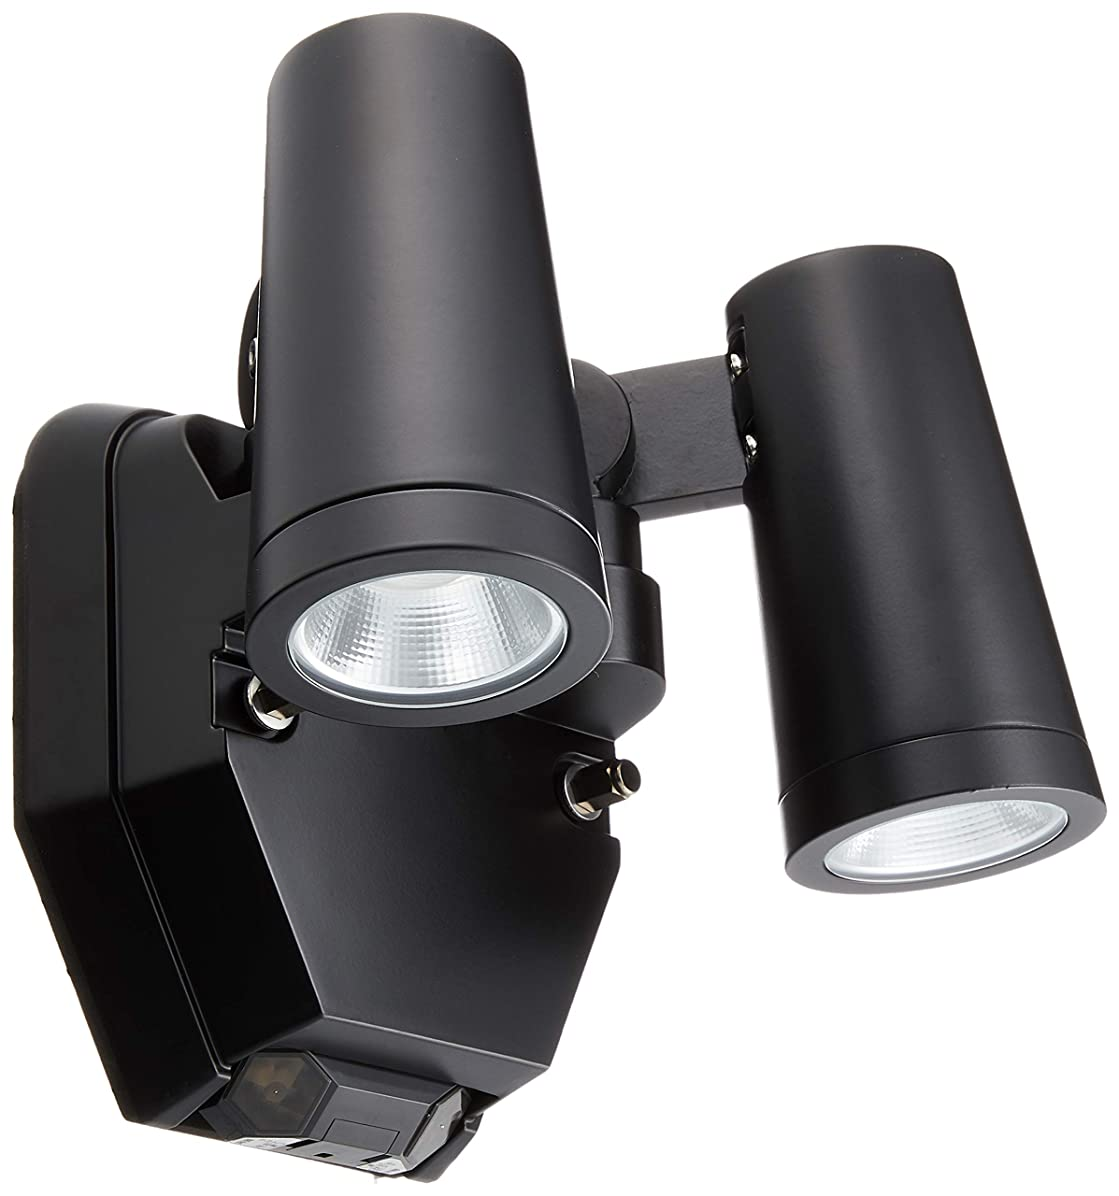 幻影歯科の苦大光電機(DAIKO) LED人感センサー付アウトドアスポット (LED内蔵) LED 12.1W 電球色 2700K DOL-4670YB